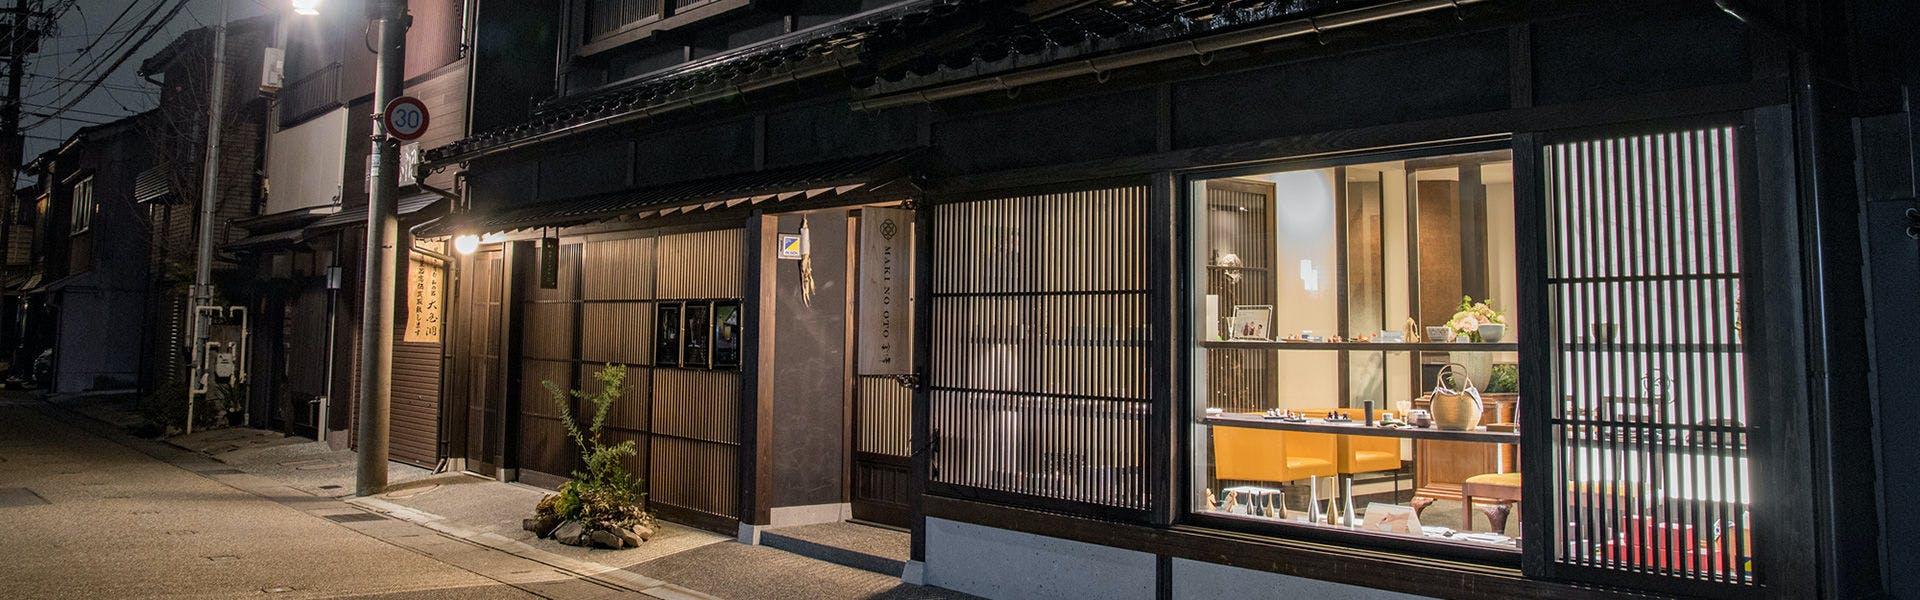 記念日におすすめのホテル・【東山のオーベルジュ 薪の音 金澤】の写真1